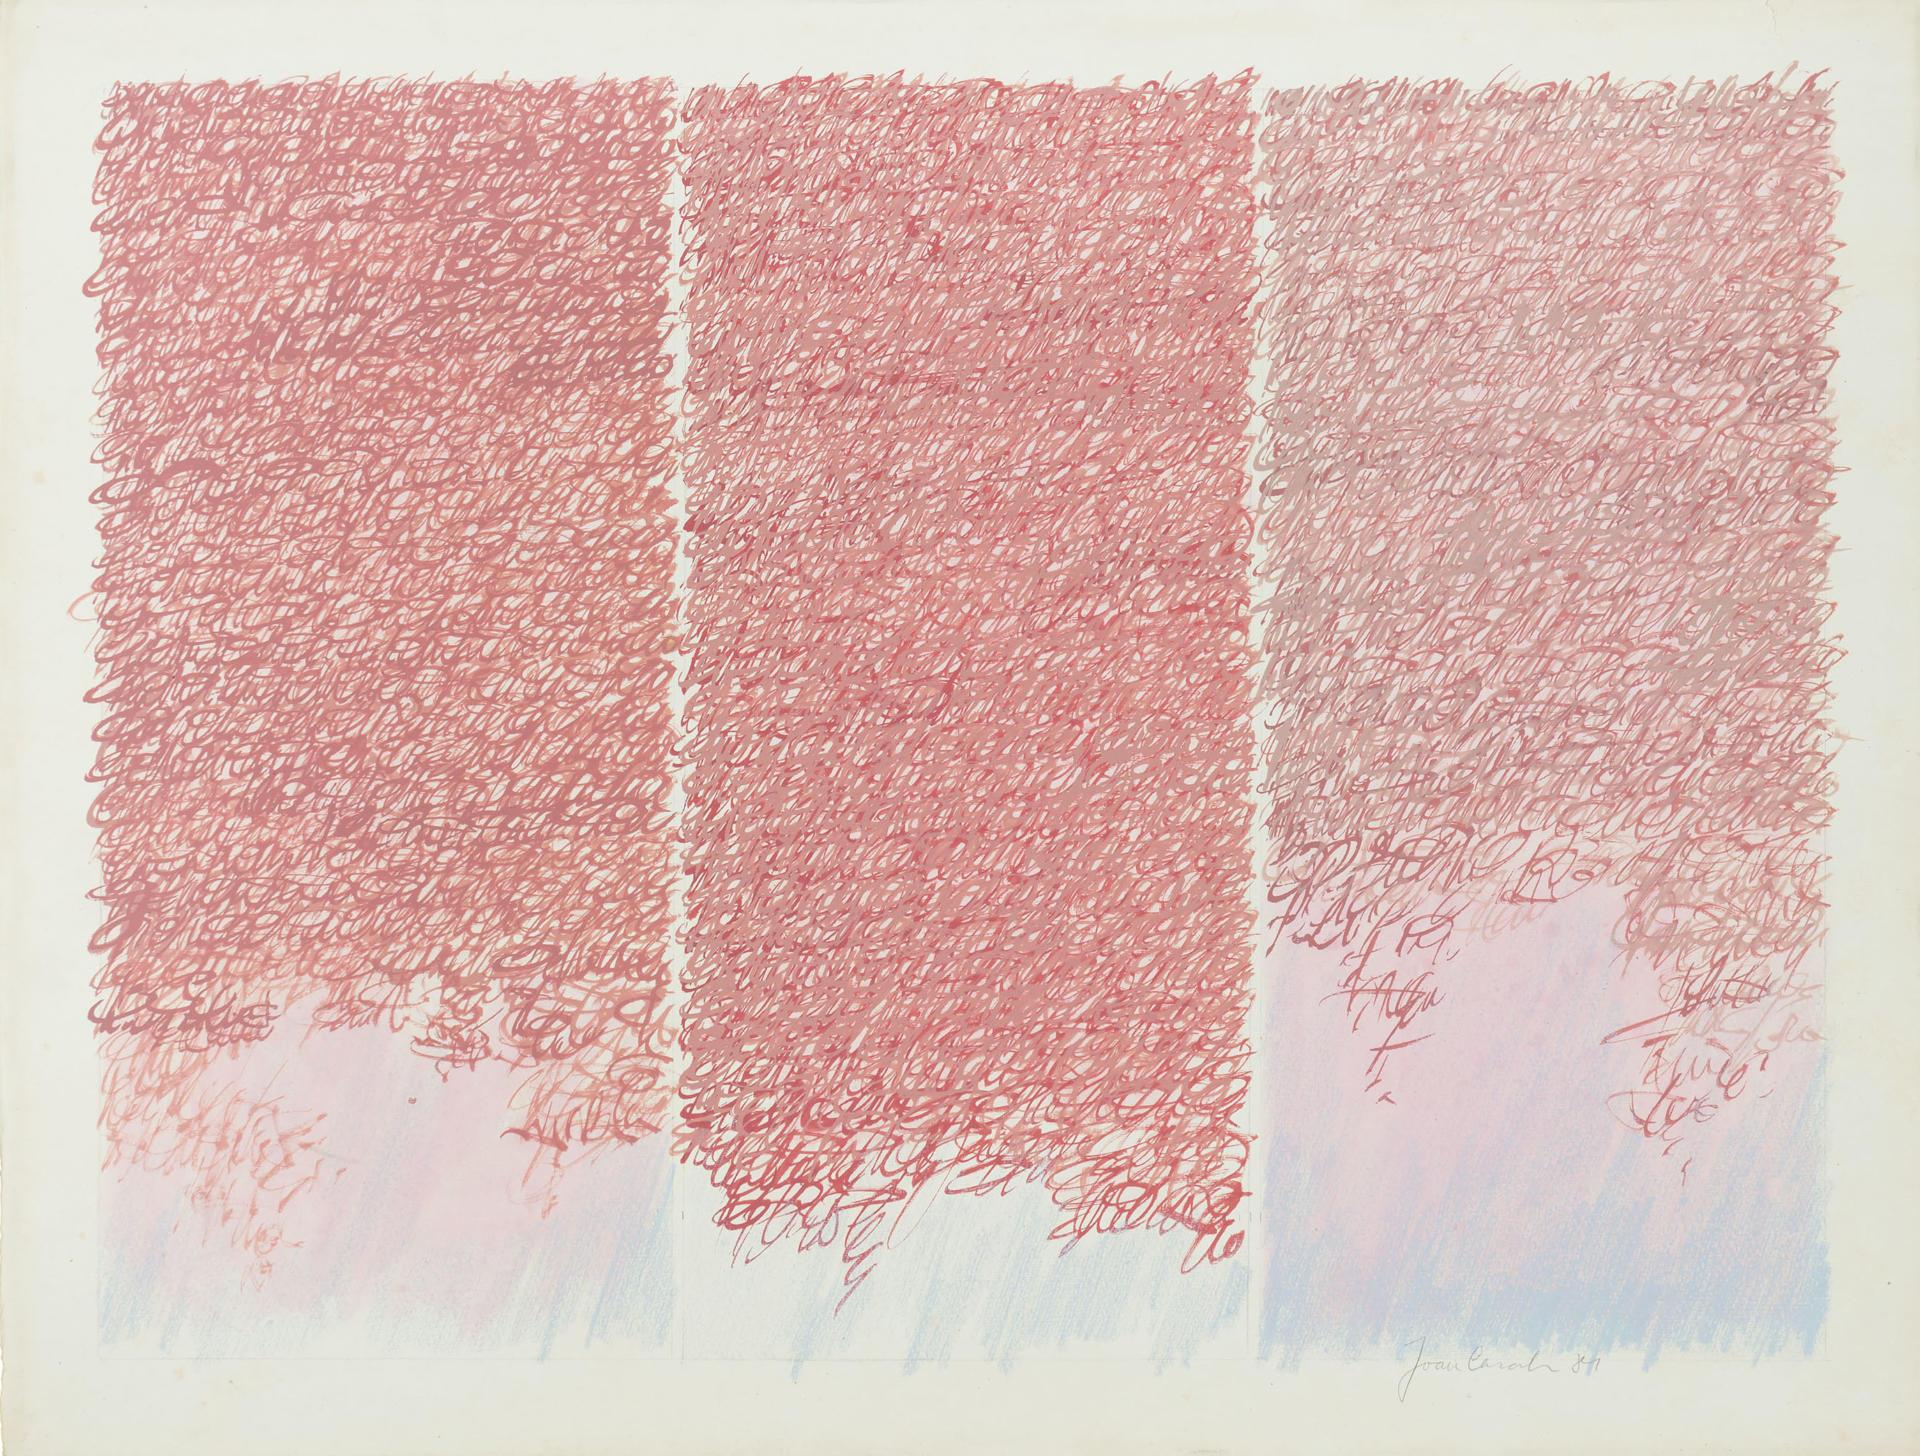 Serie Caligrafia, Tècnica mixta sobre paper1981-82